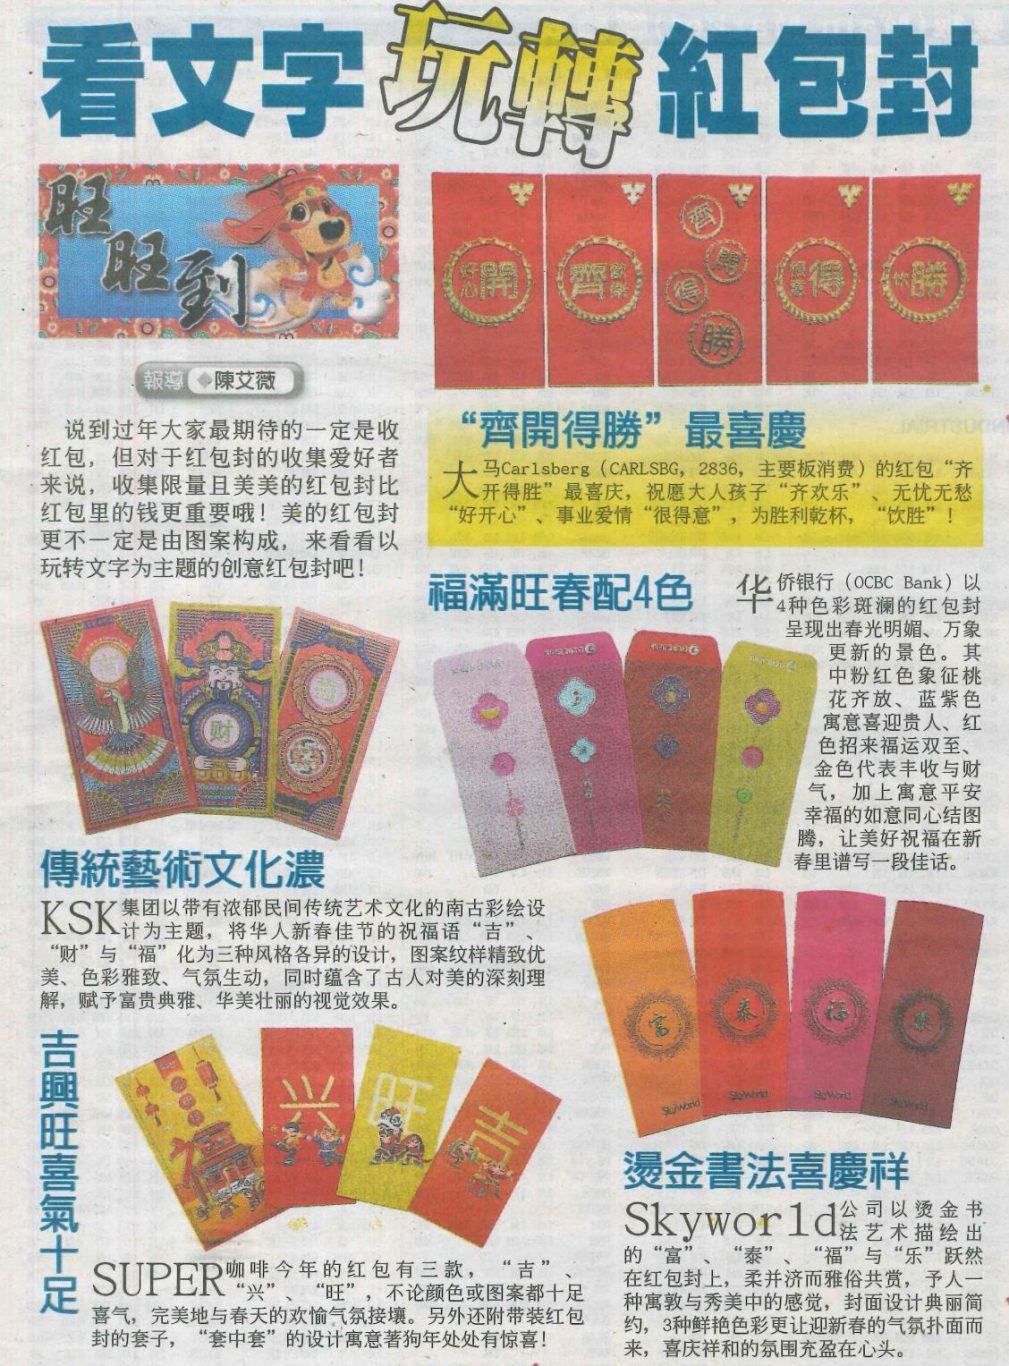 China Press 中国报